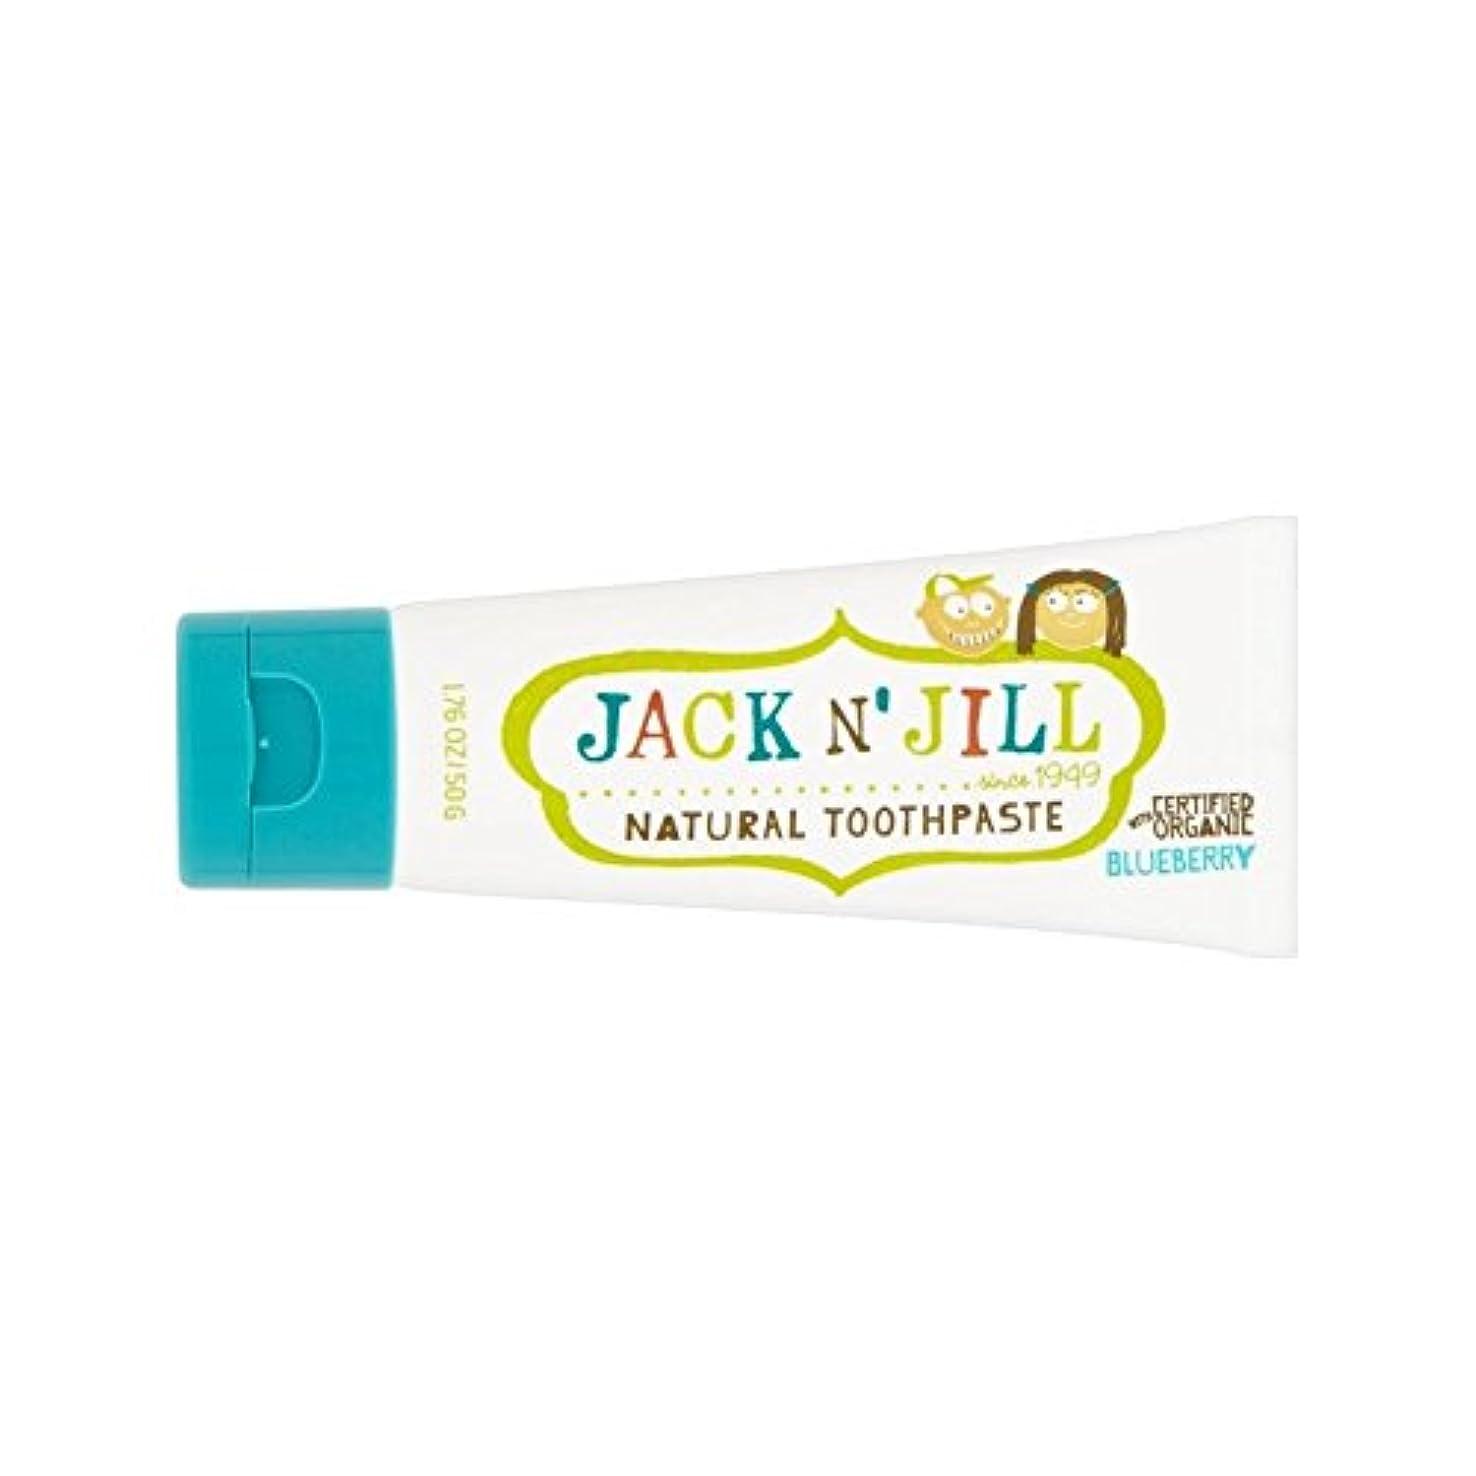 私たち厚さカルシウム有機香味50グラムとの自然なブルーベリー歯磨き粉 (Jack N Jill) (x 6) - Jack N' Jill Blueberry Toothpaste Natural with Organic Flavouring...